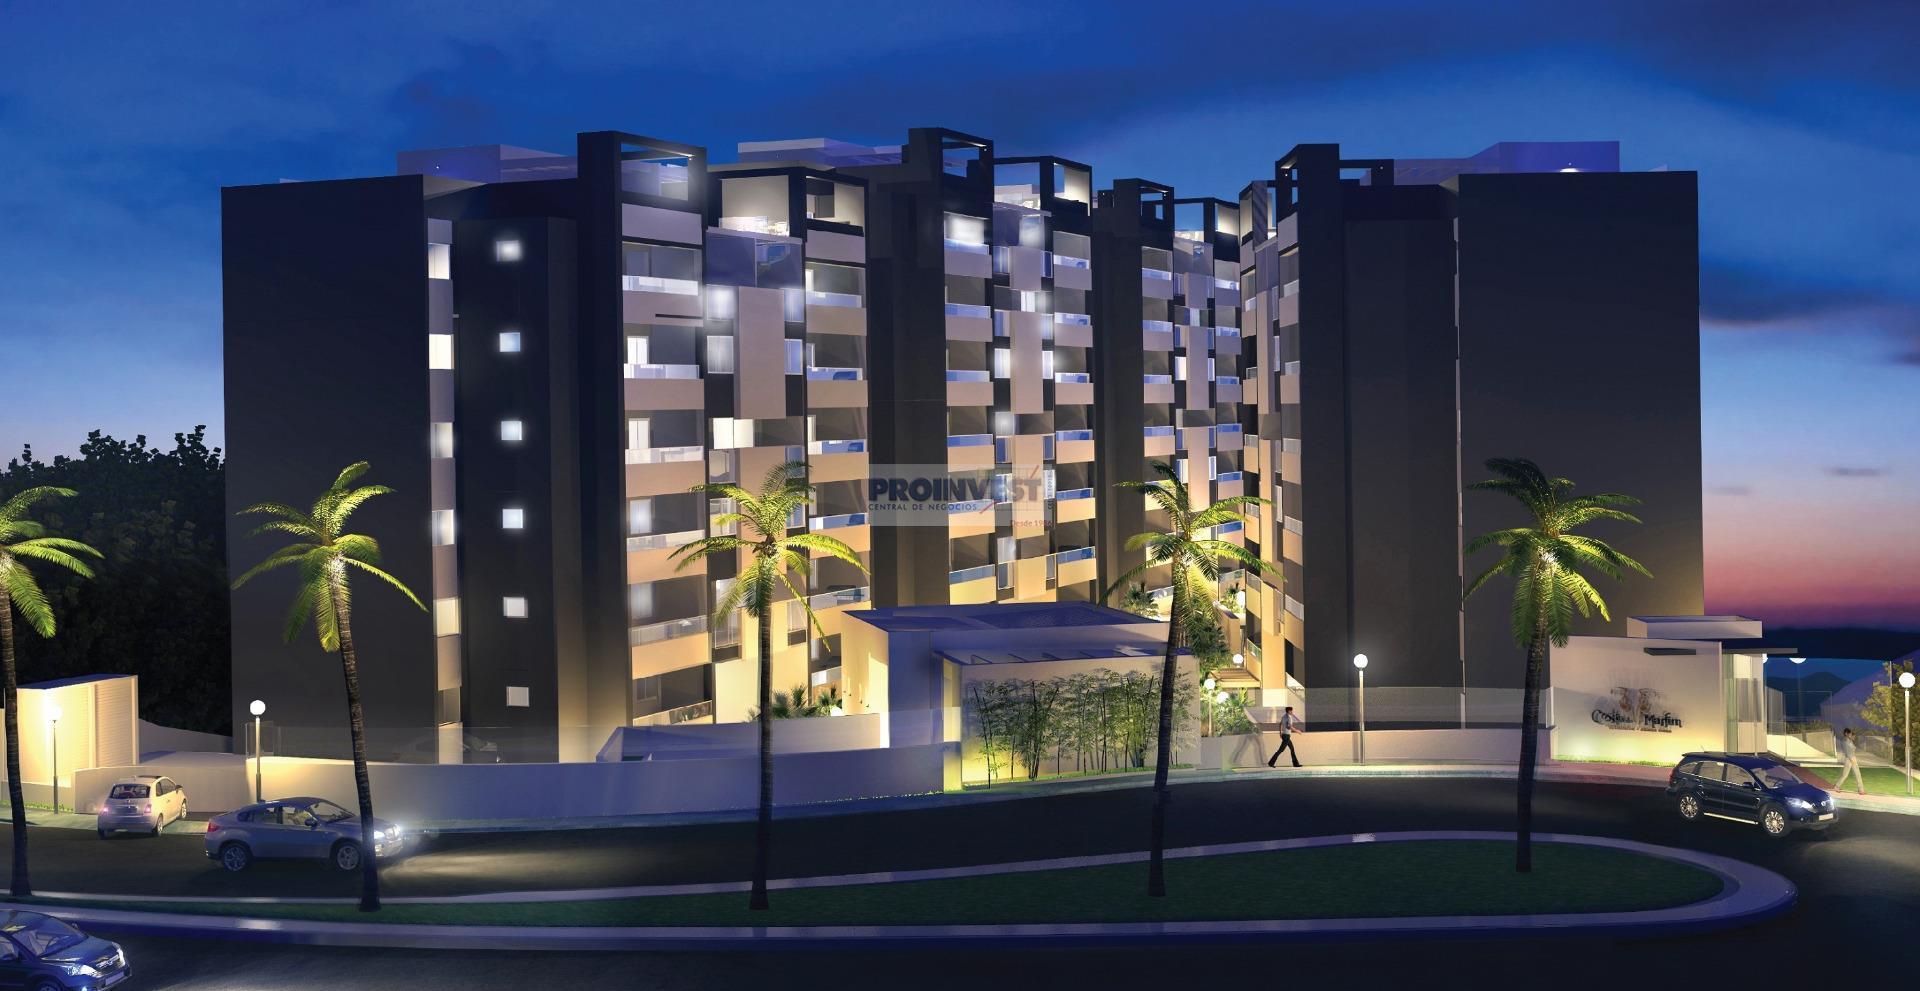 Apartamento residencial à venda, Residencial Costa do Marfim, Cotia - AP3390.